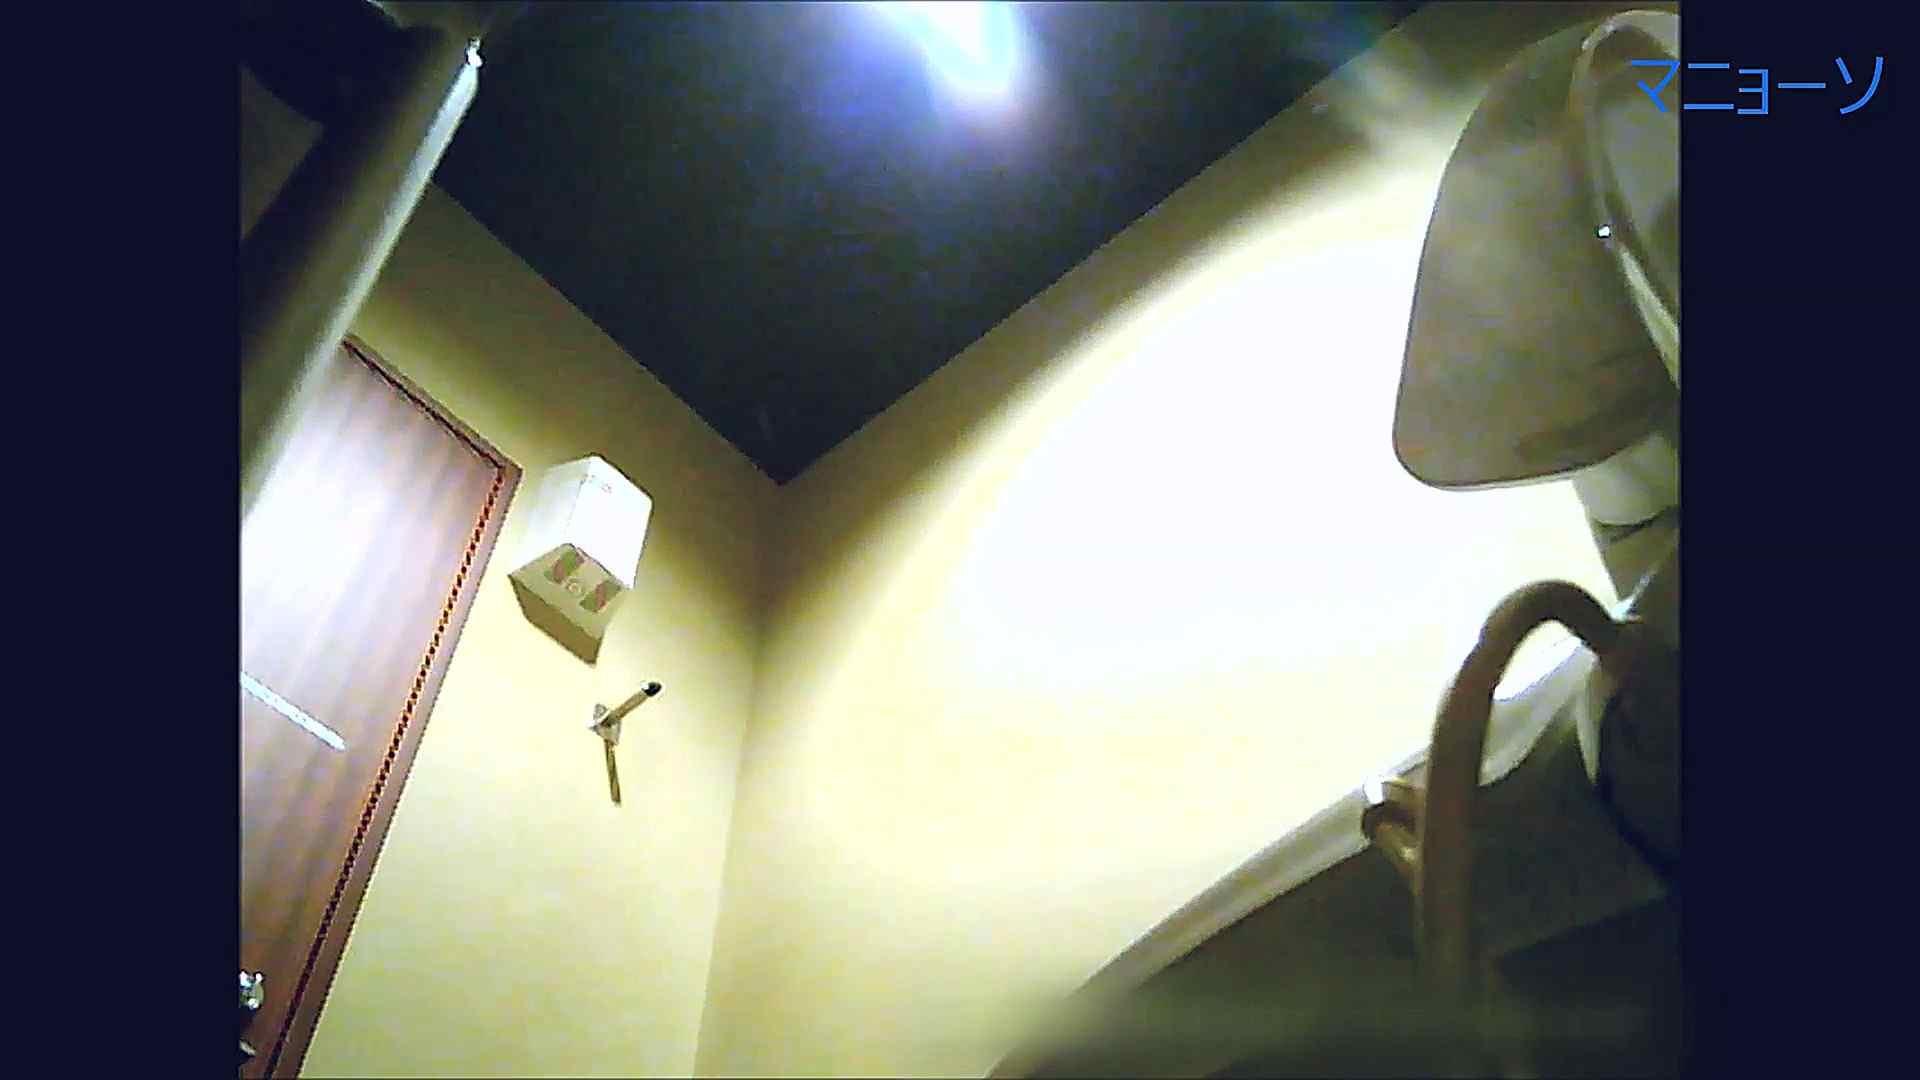 トイレでひと肌脱いでもらいました (JD編)Vol.05 トイレ | OLの実態  72pic 15